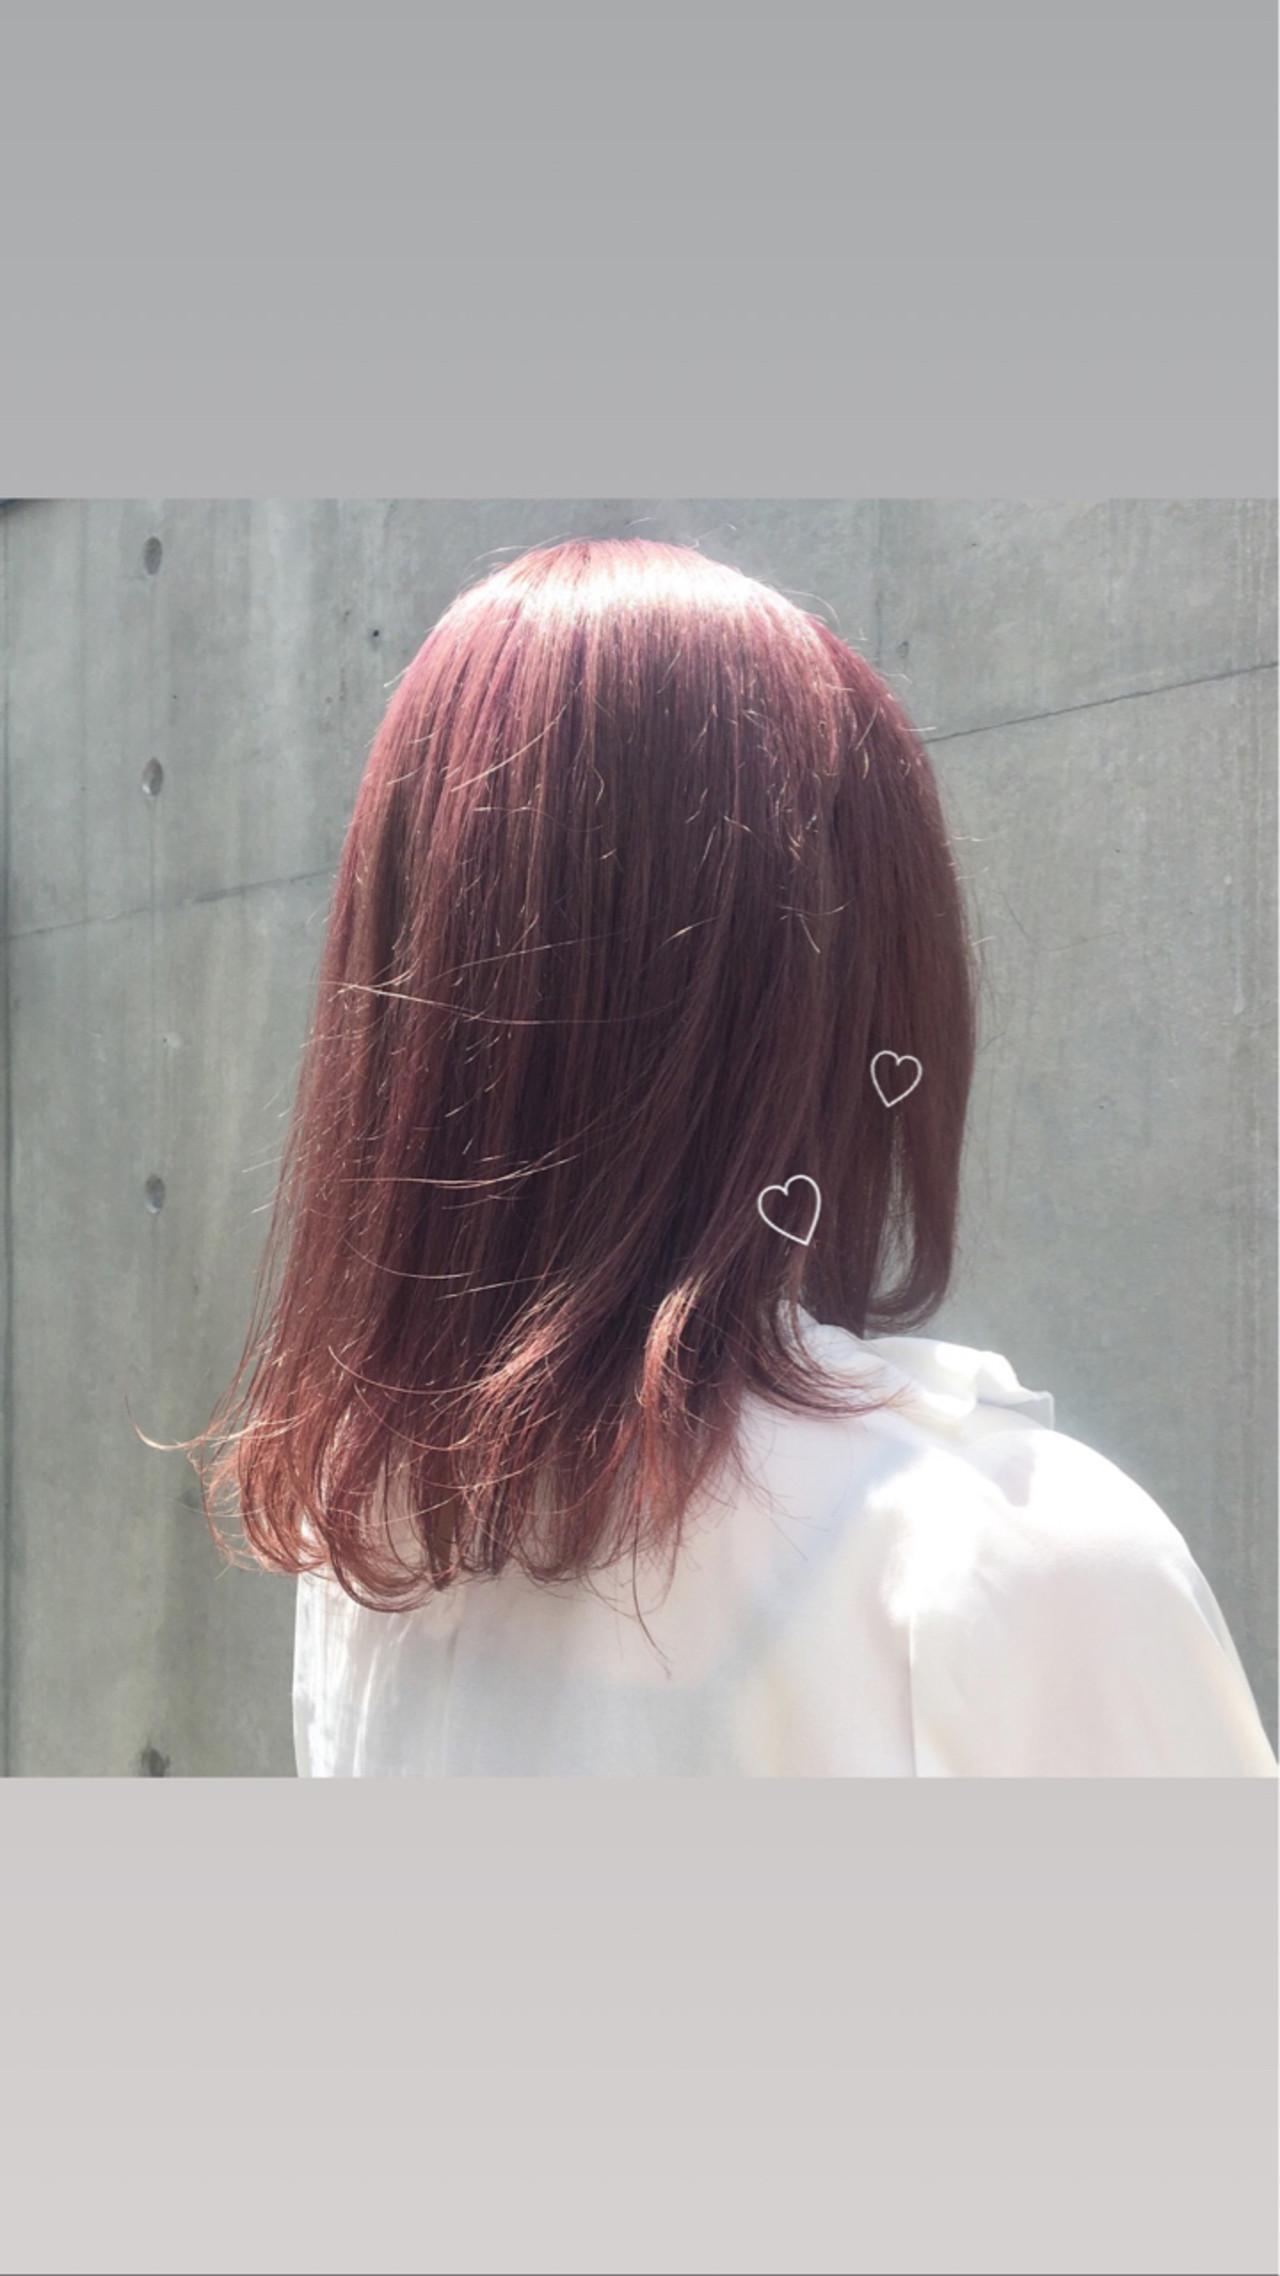 ナチュラル ラベンダーピンク ピンクアッシュ ガーリー ヘアスタイルや髪型の写真・画像 | ゆうみ /